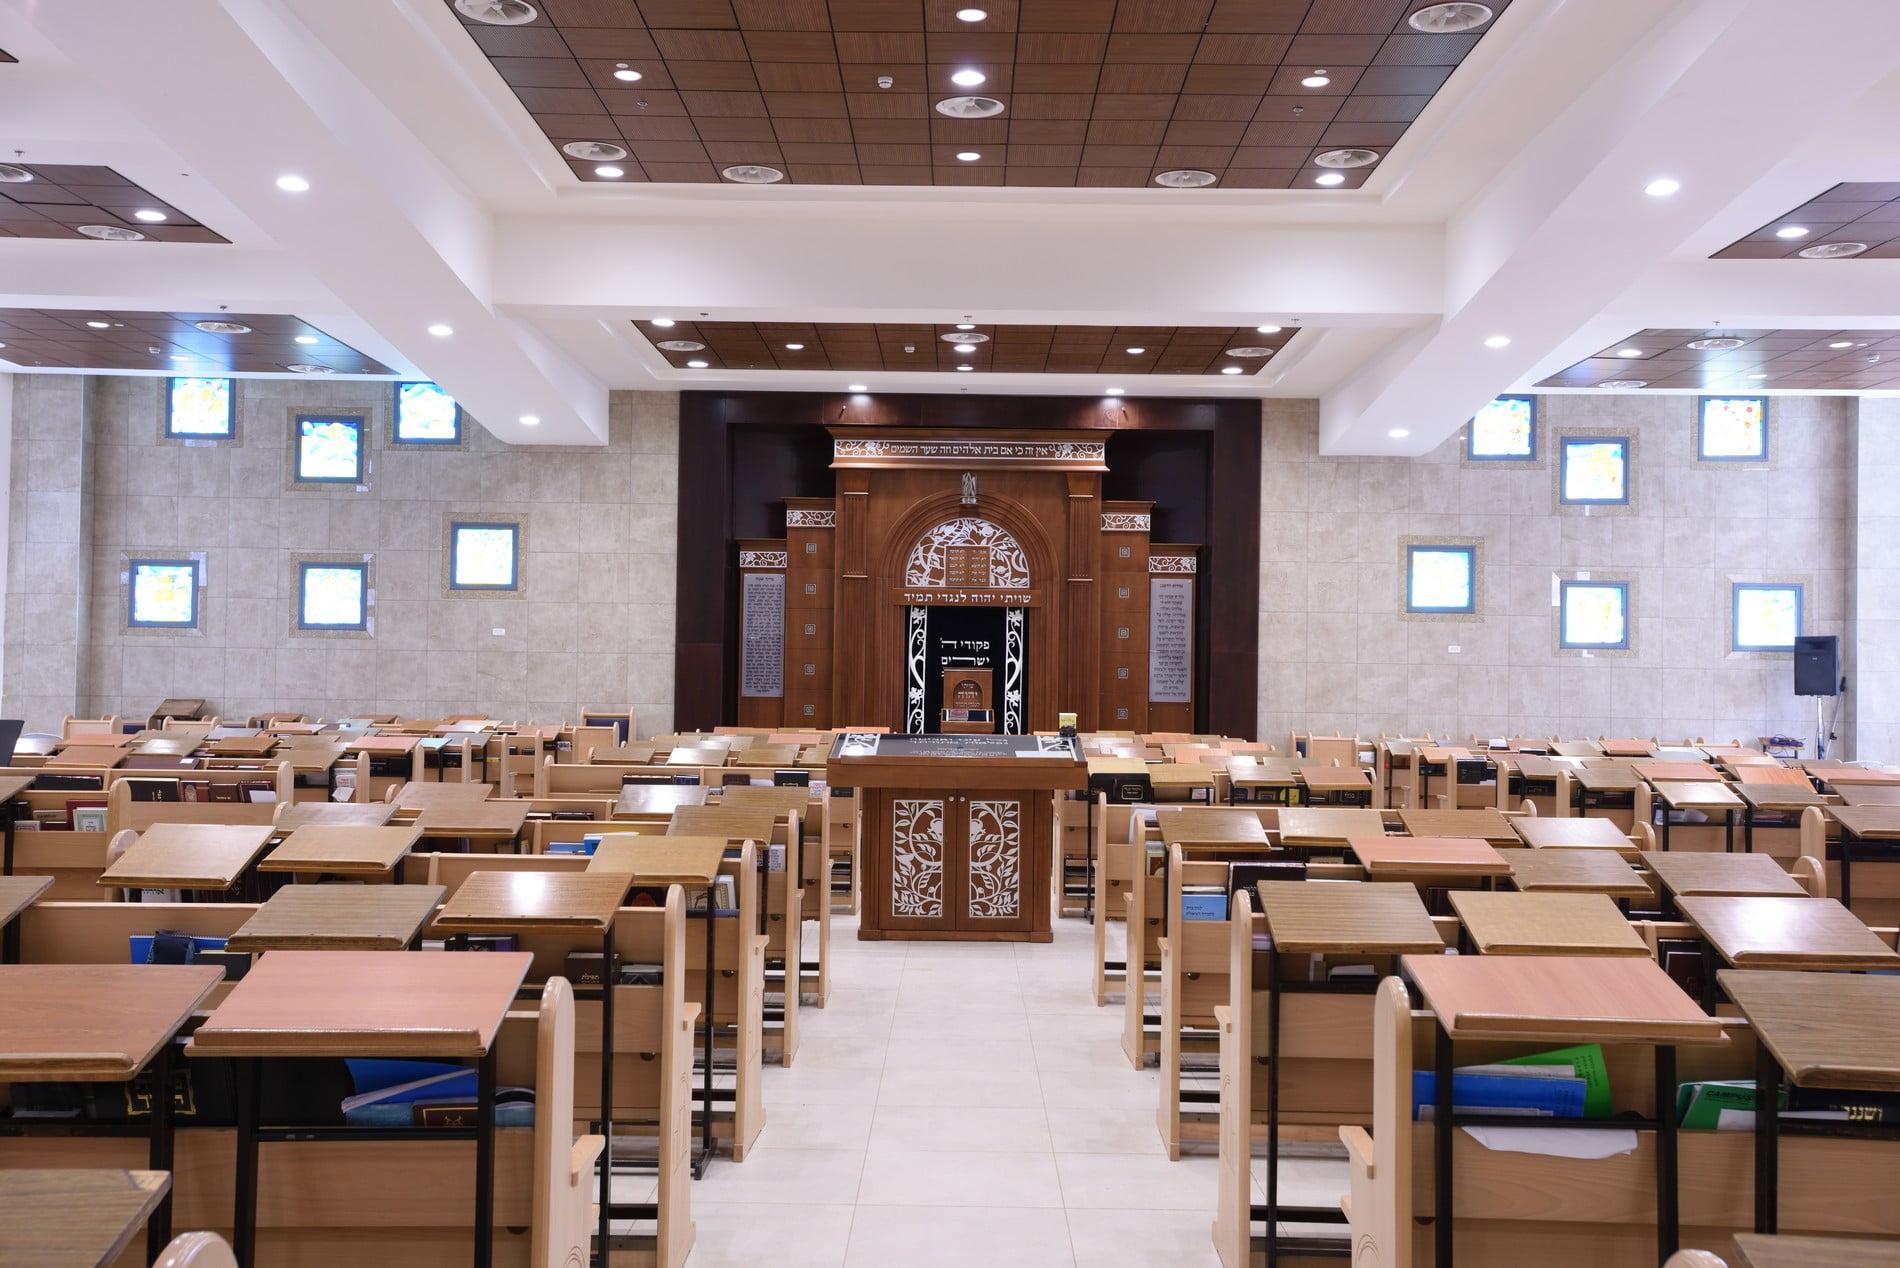 Yeshieva Gvoha - Beit El